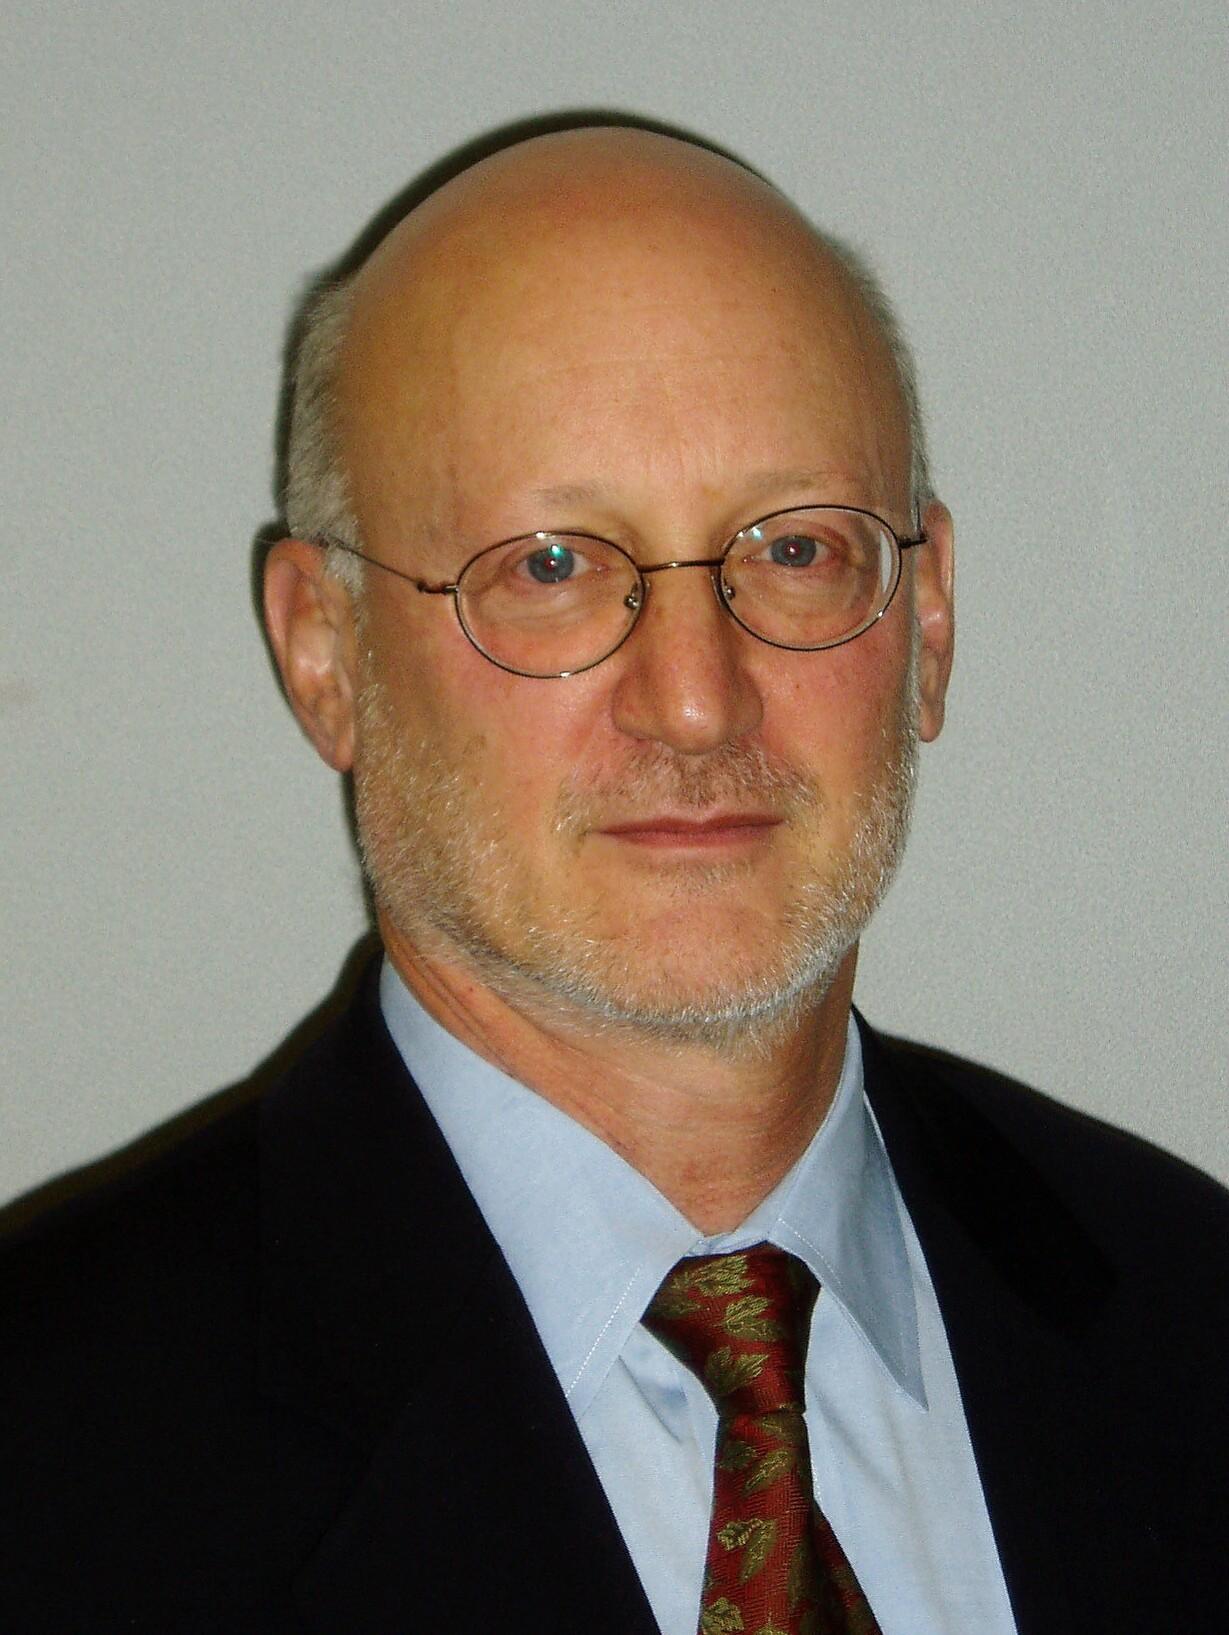 Kane John M